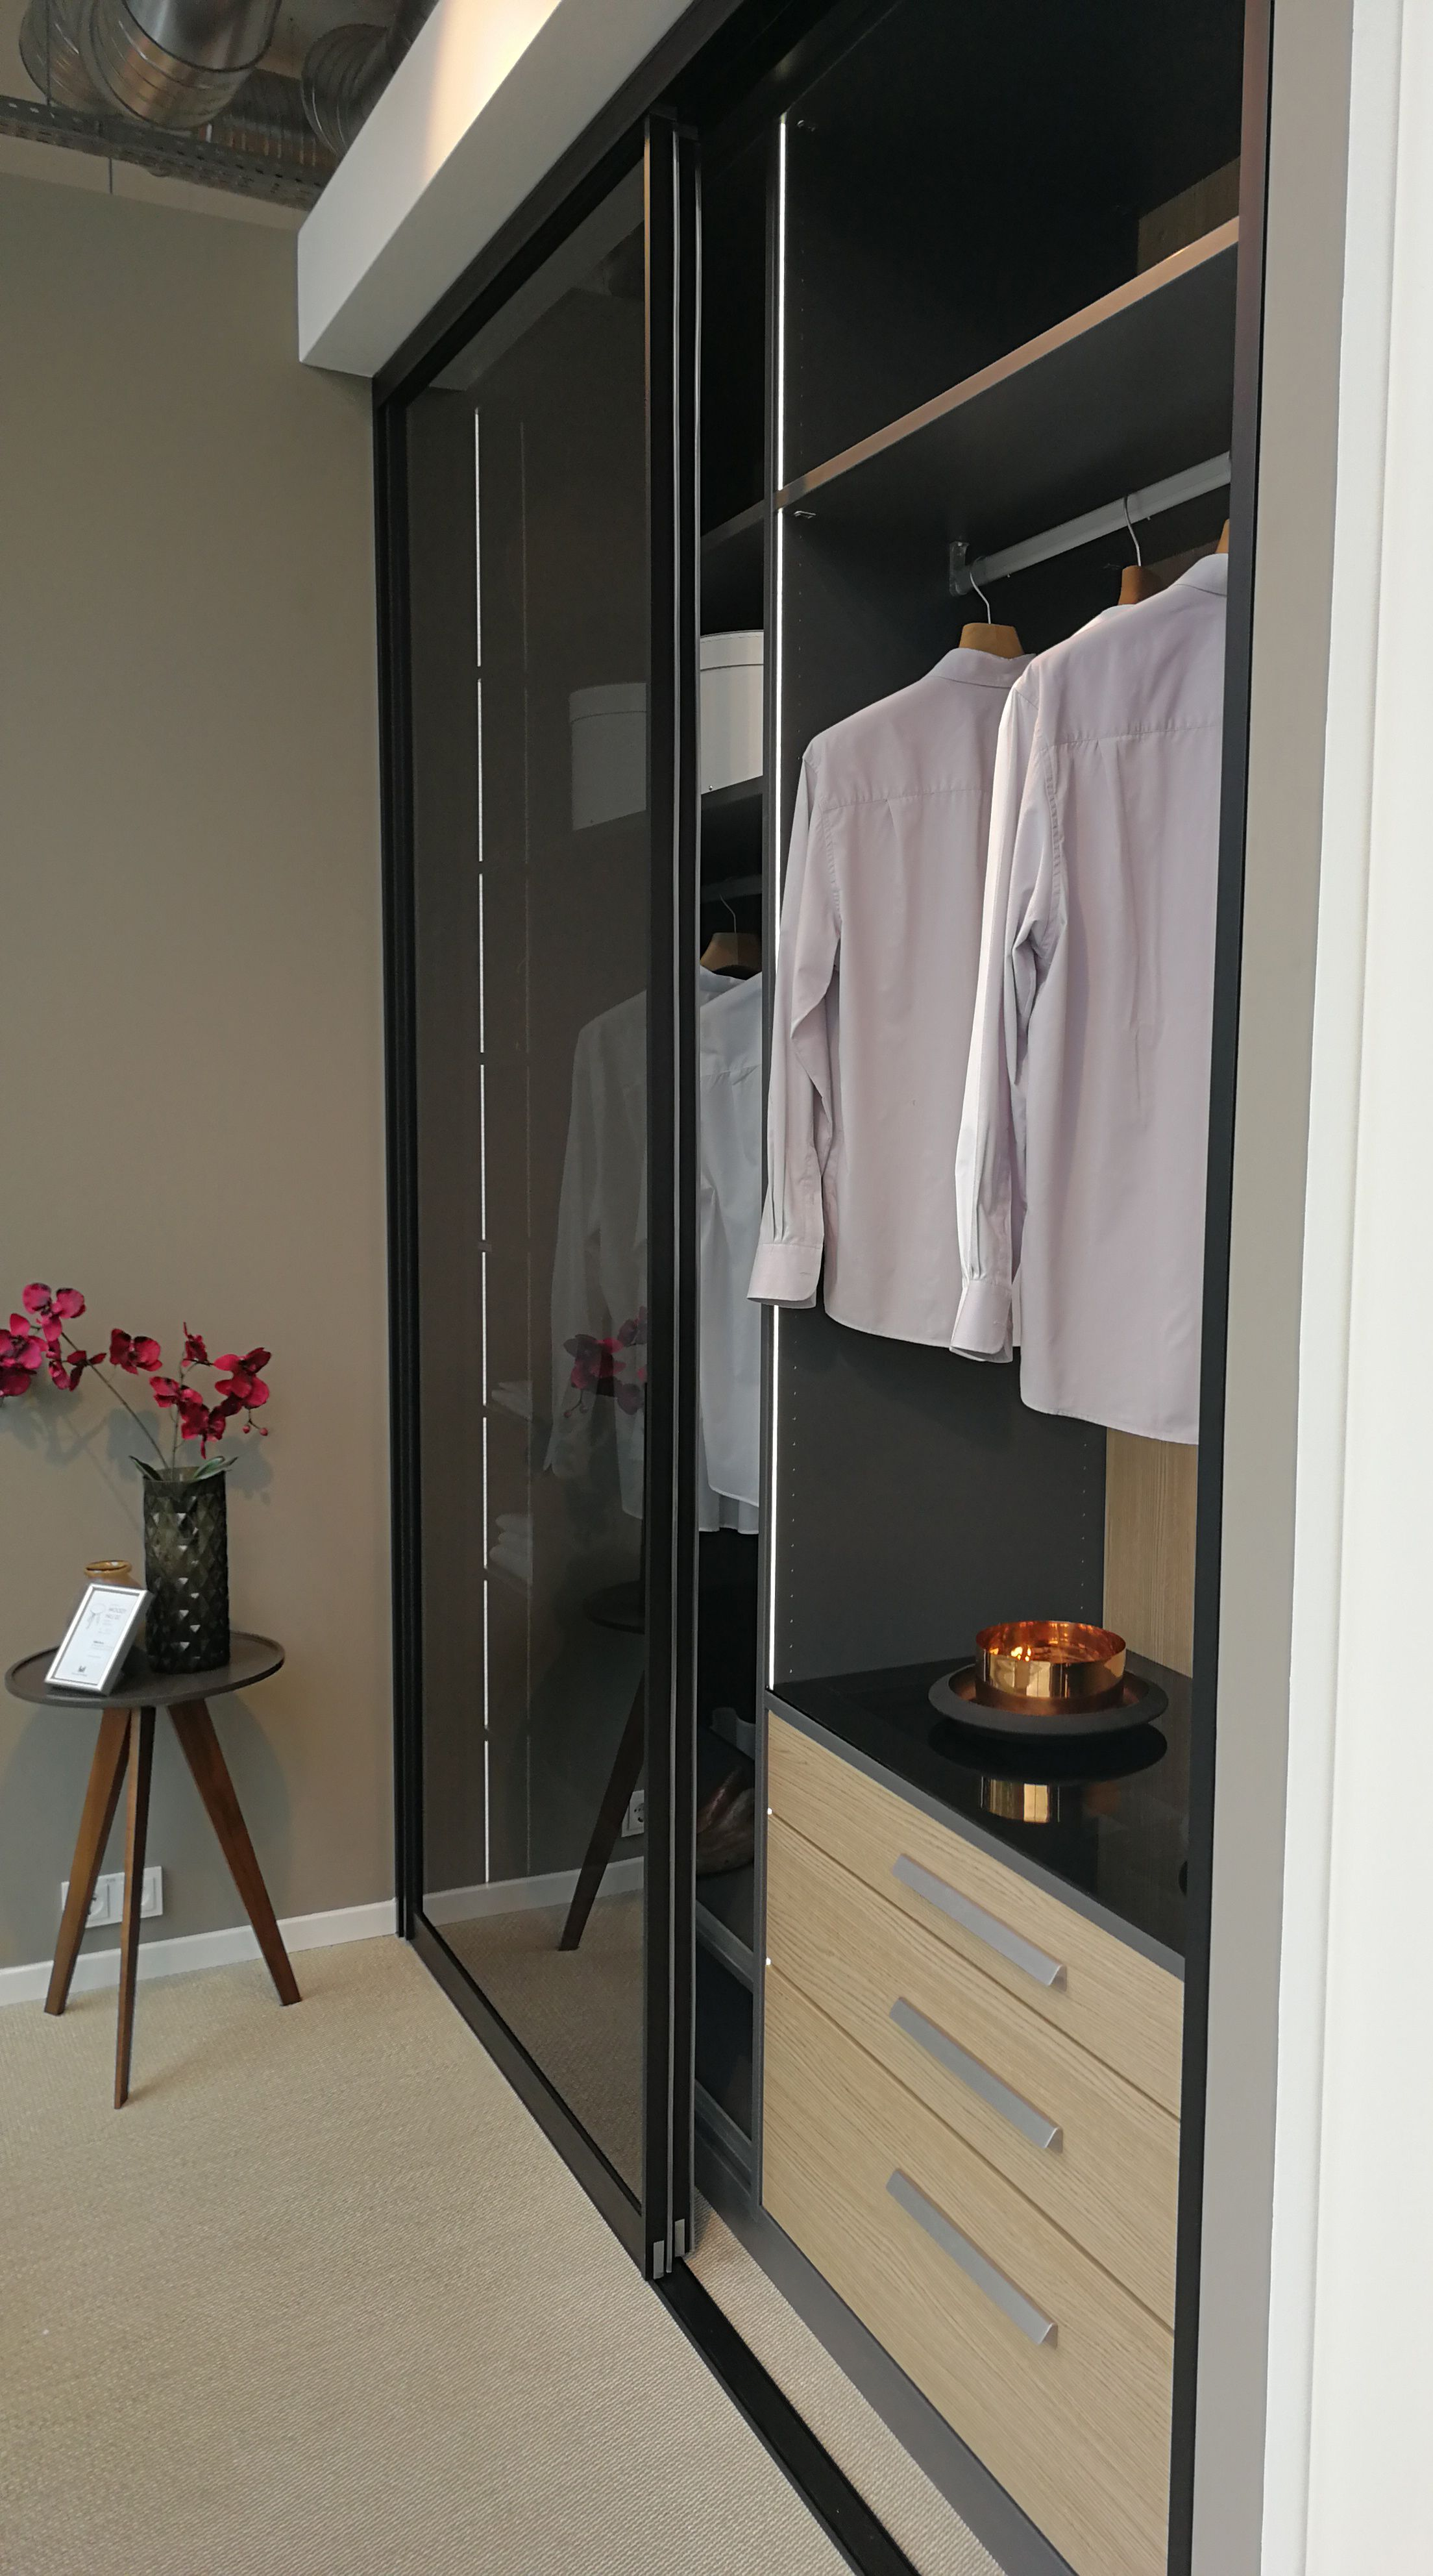 Maßgefertigter Einbauschrank mit Parsol Glastüren von CABINET.